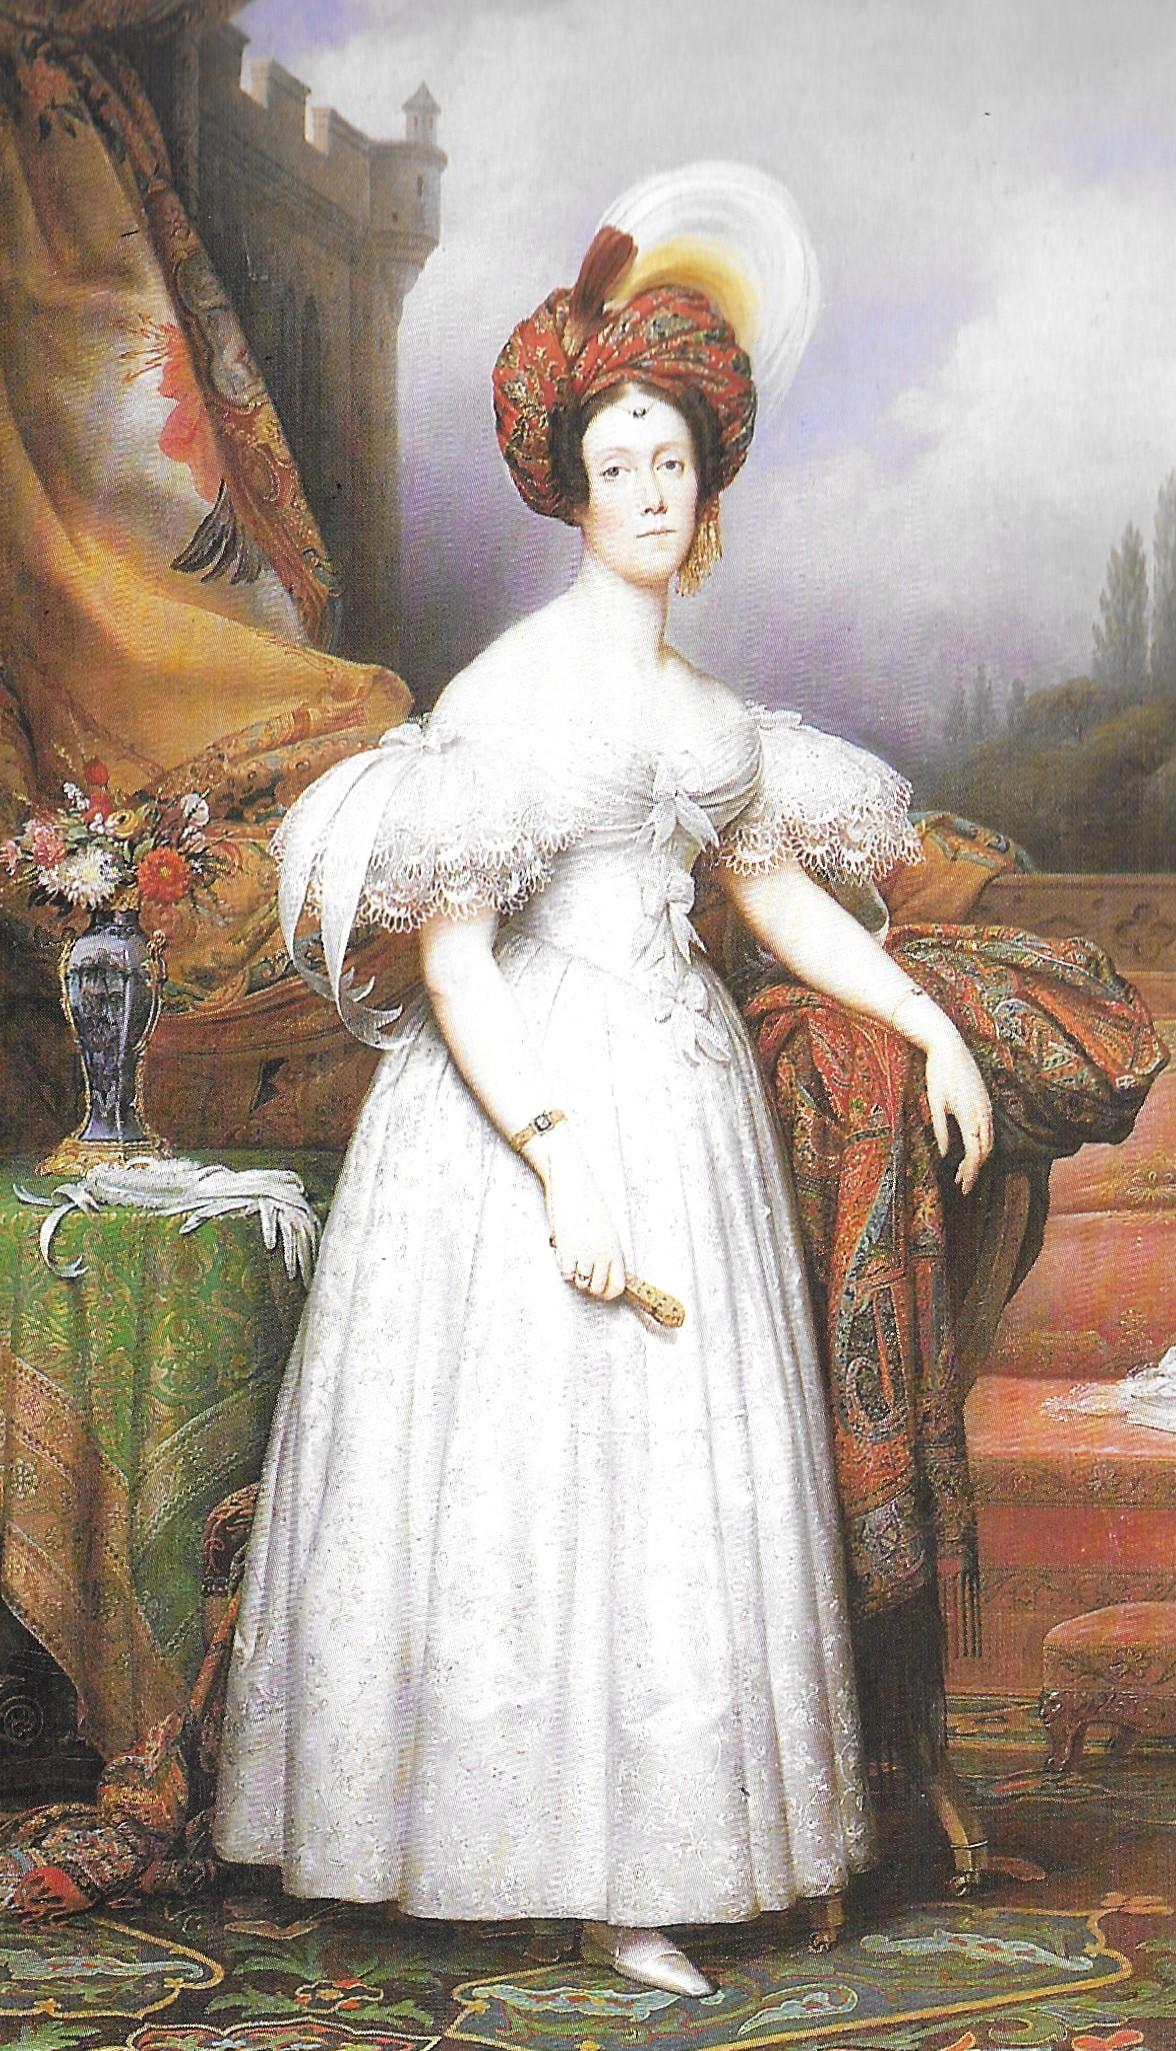 La marquise de Béthisy se rendant à une soirée, 1835, tableau de Ch. Steuben, Musée des Beaux Arts de Lille. Maximilien des Ligneris doit beaucoup fréquenter ces salons mondains où se retrouvent les clans aristocratiques.